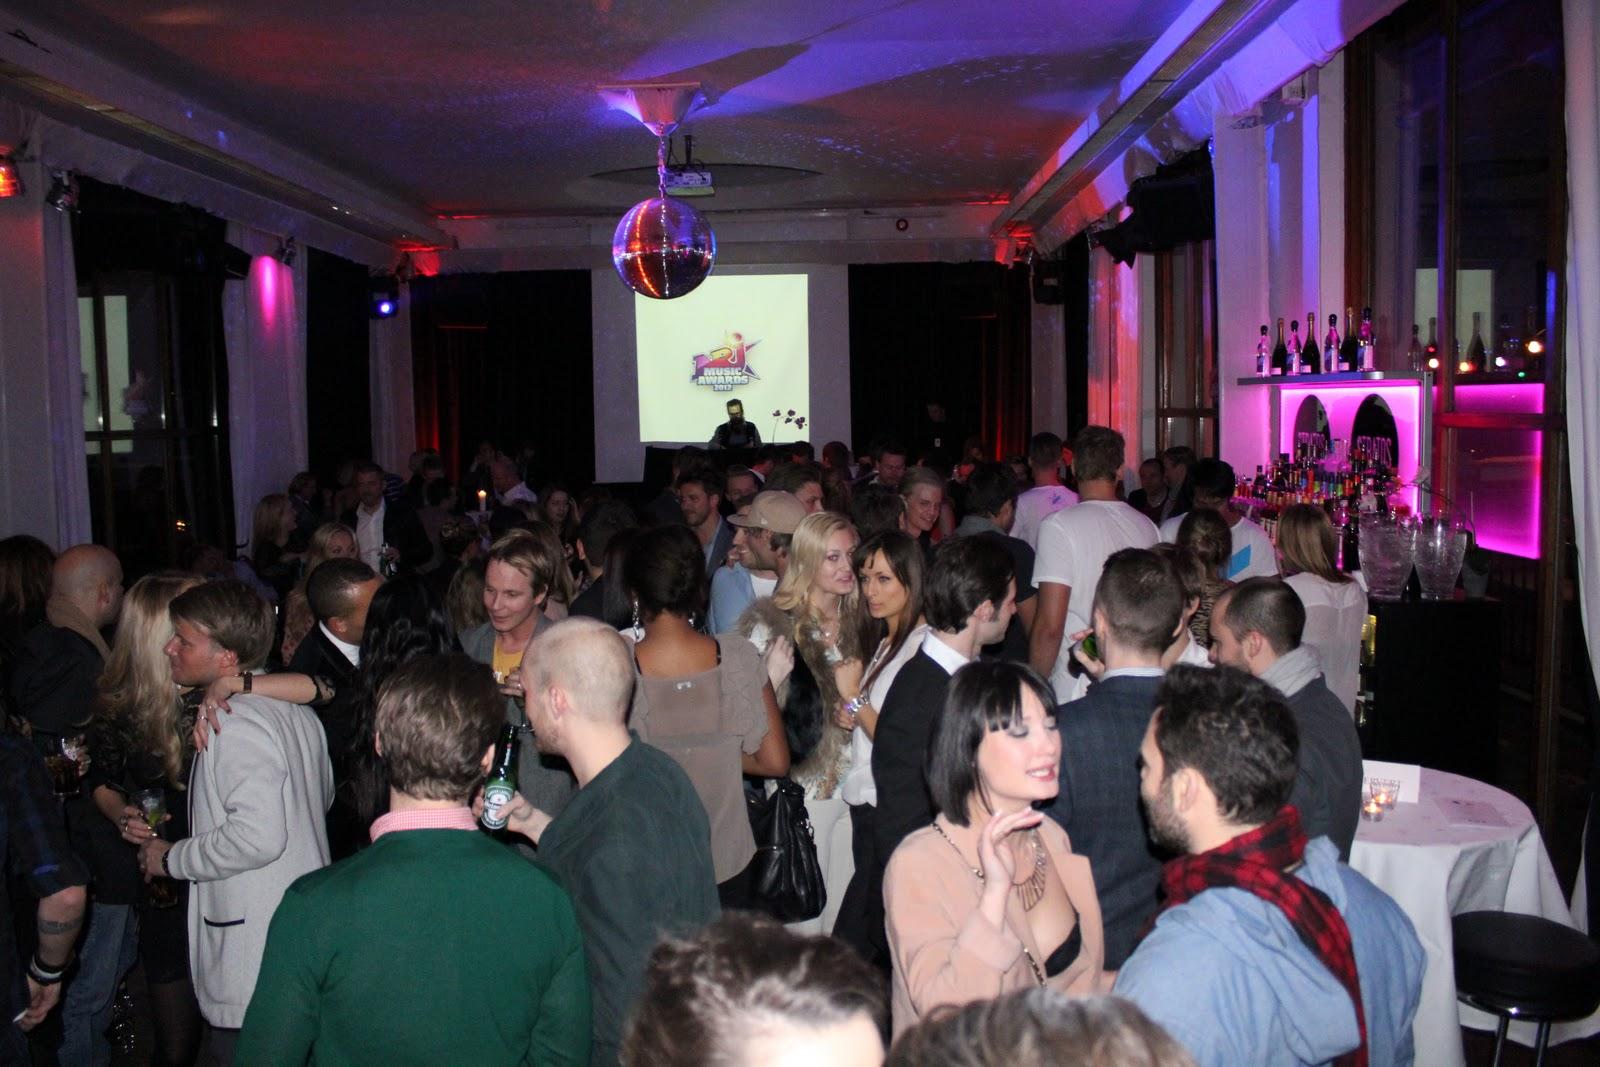 http://1.bp.blogspot.com/-CW86Cyjk-M8/Txs7K1JhcoI/AAAAAAAAS3M/Iye3OAGbxO8/s1600/Masse+folk+NRJ+Music+Awards.jpg